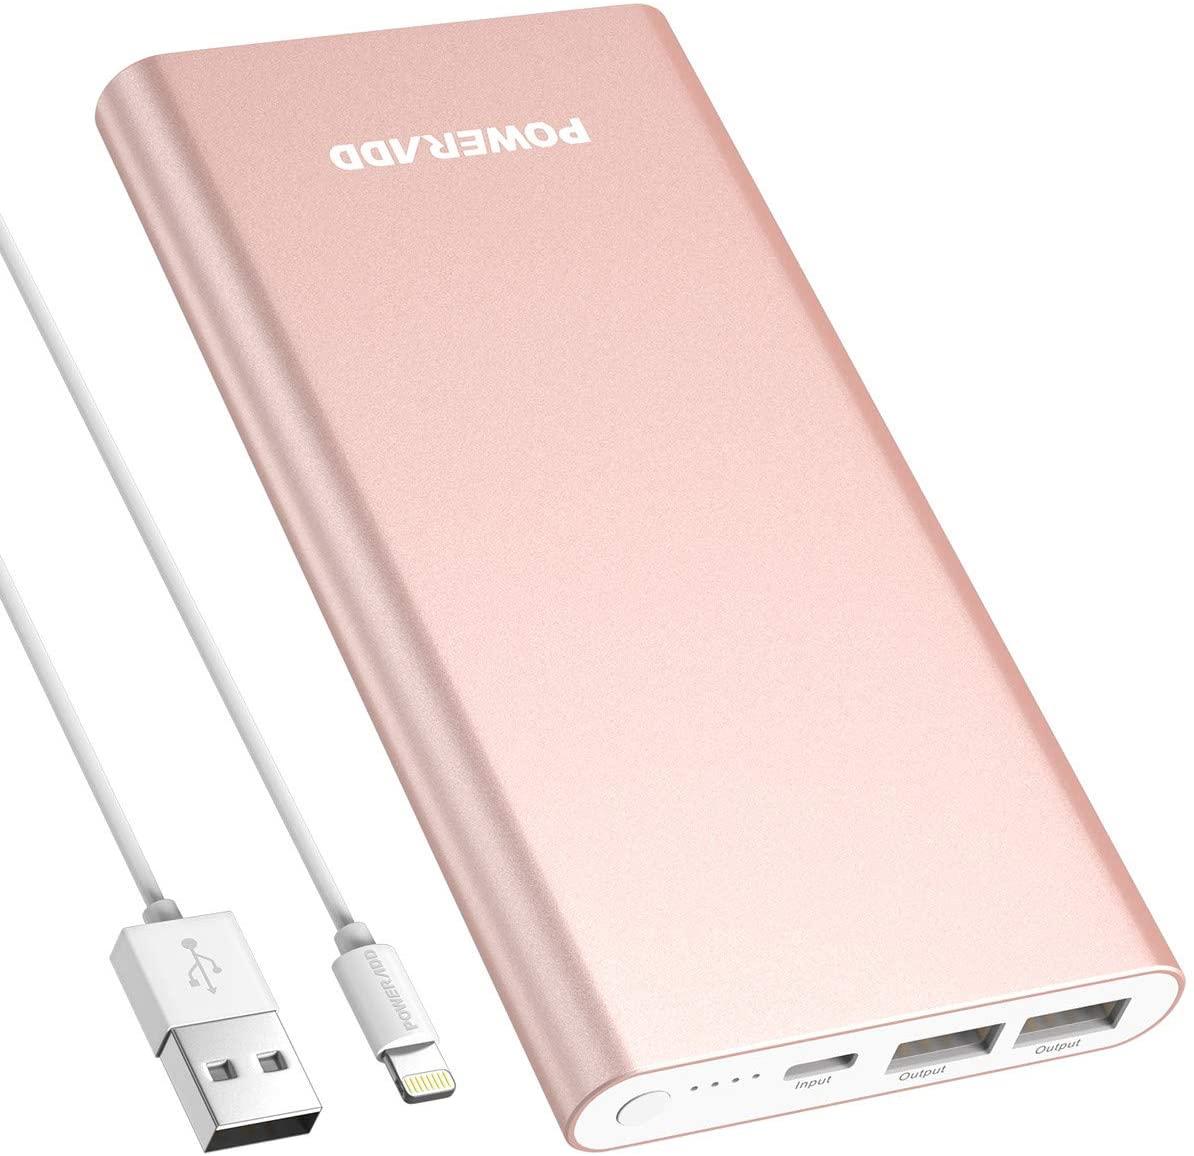 POWERADD Pilot 4GS 12000mAh Power Bank Cargador Portátil Dual Puerto Salida (3A Salida de Alta Velocidad) para iPhone iPad iPod Samsung y Más-Oro Rosa